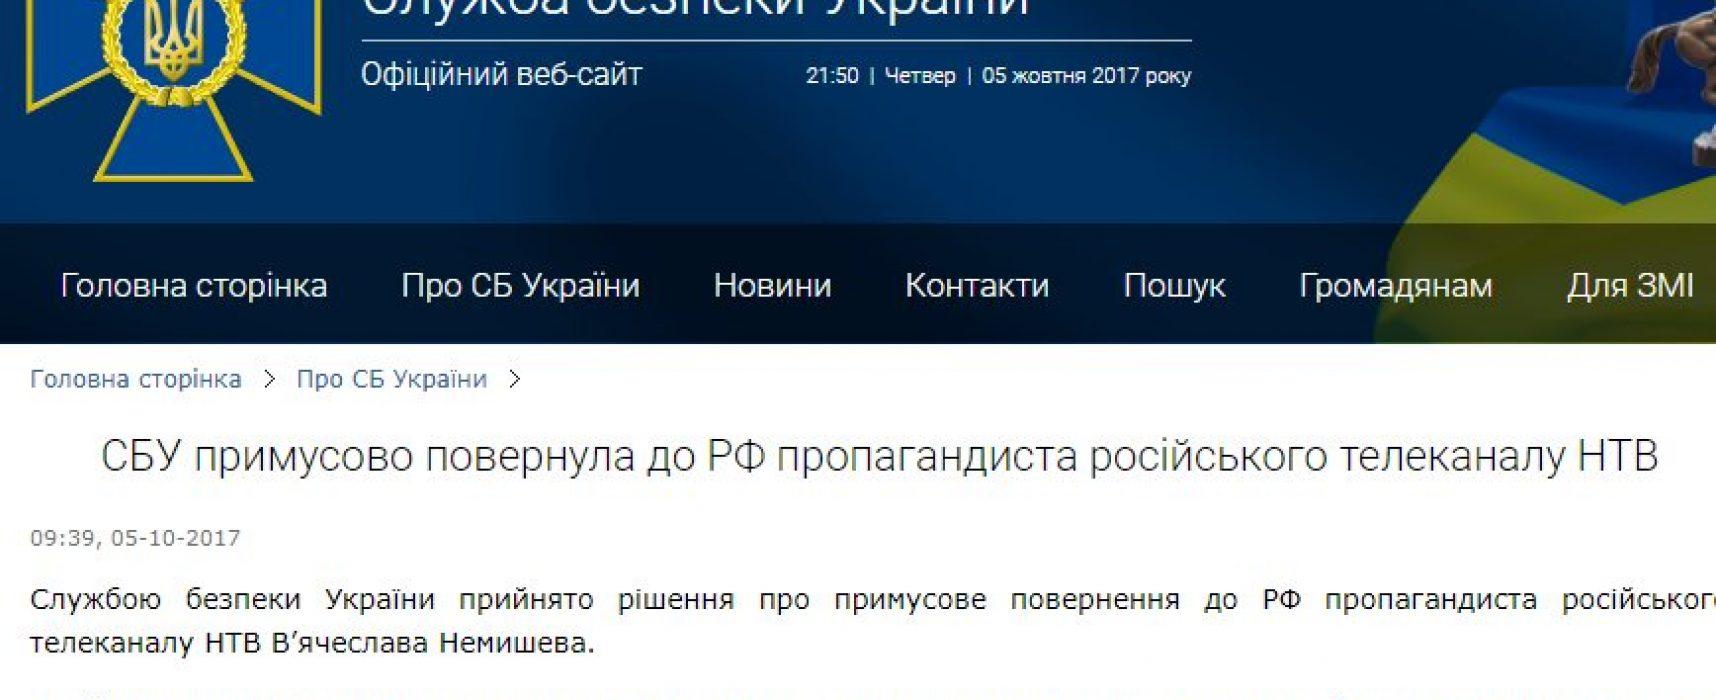 Задержанного в Киеве сотрудника телеканала НТВ выдворили в Россию